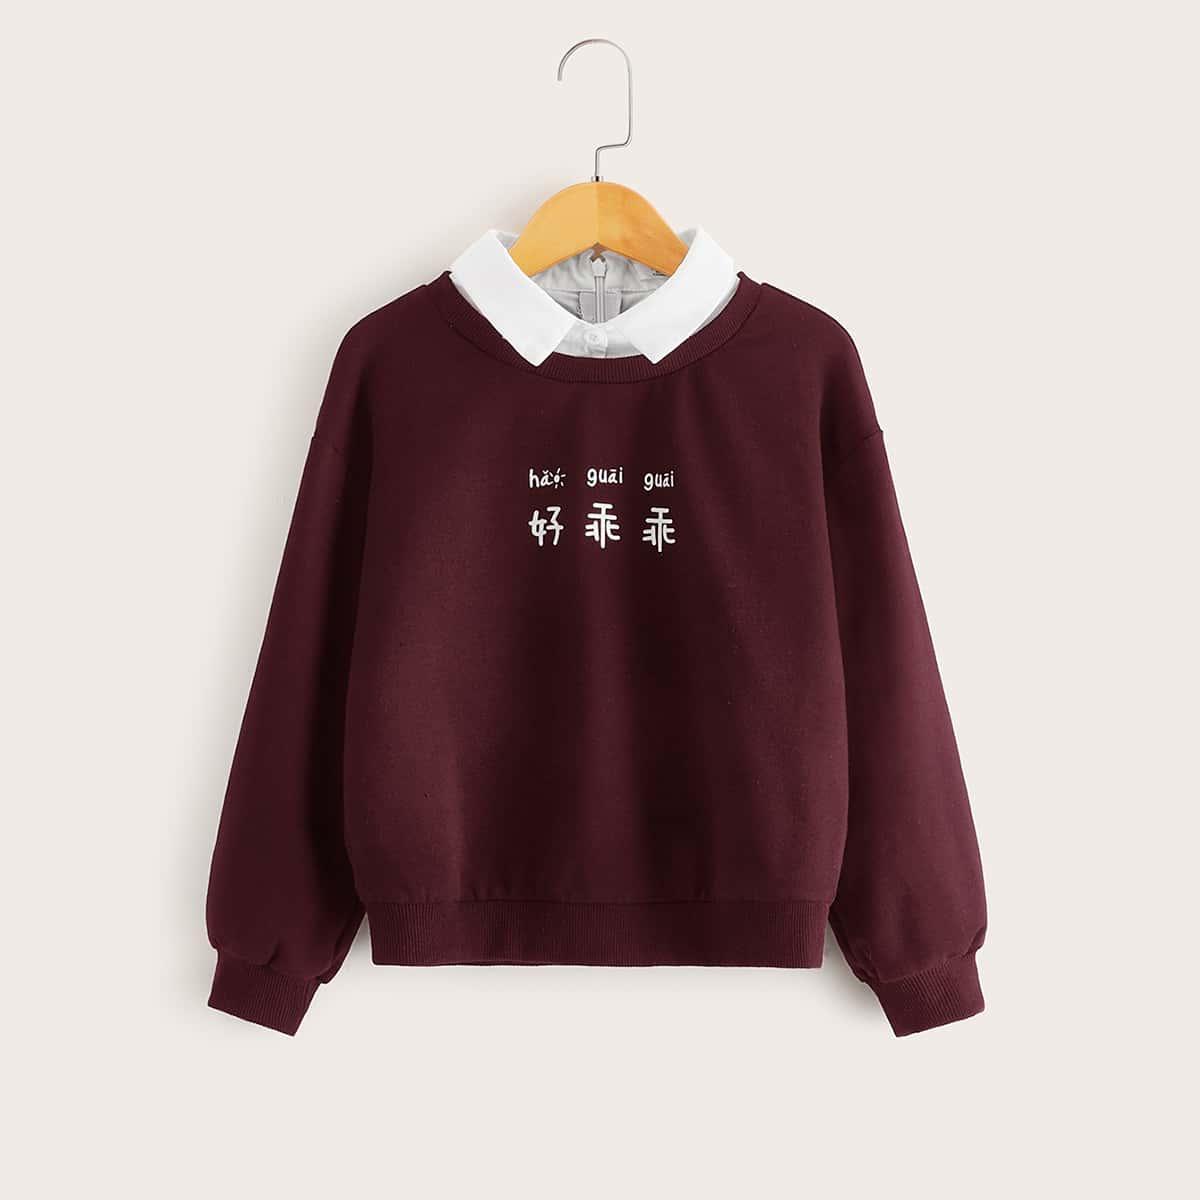 Контрастный пуловер с принтом китайских иероглифов для девочек от SHEIN